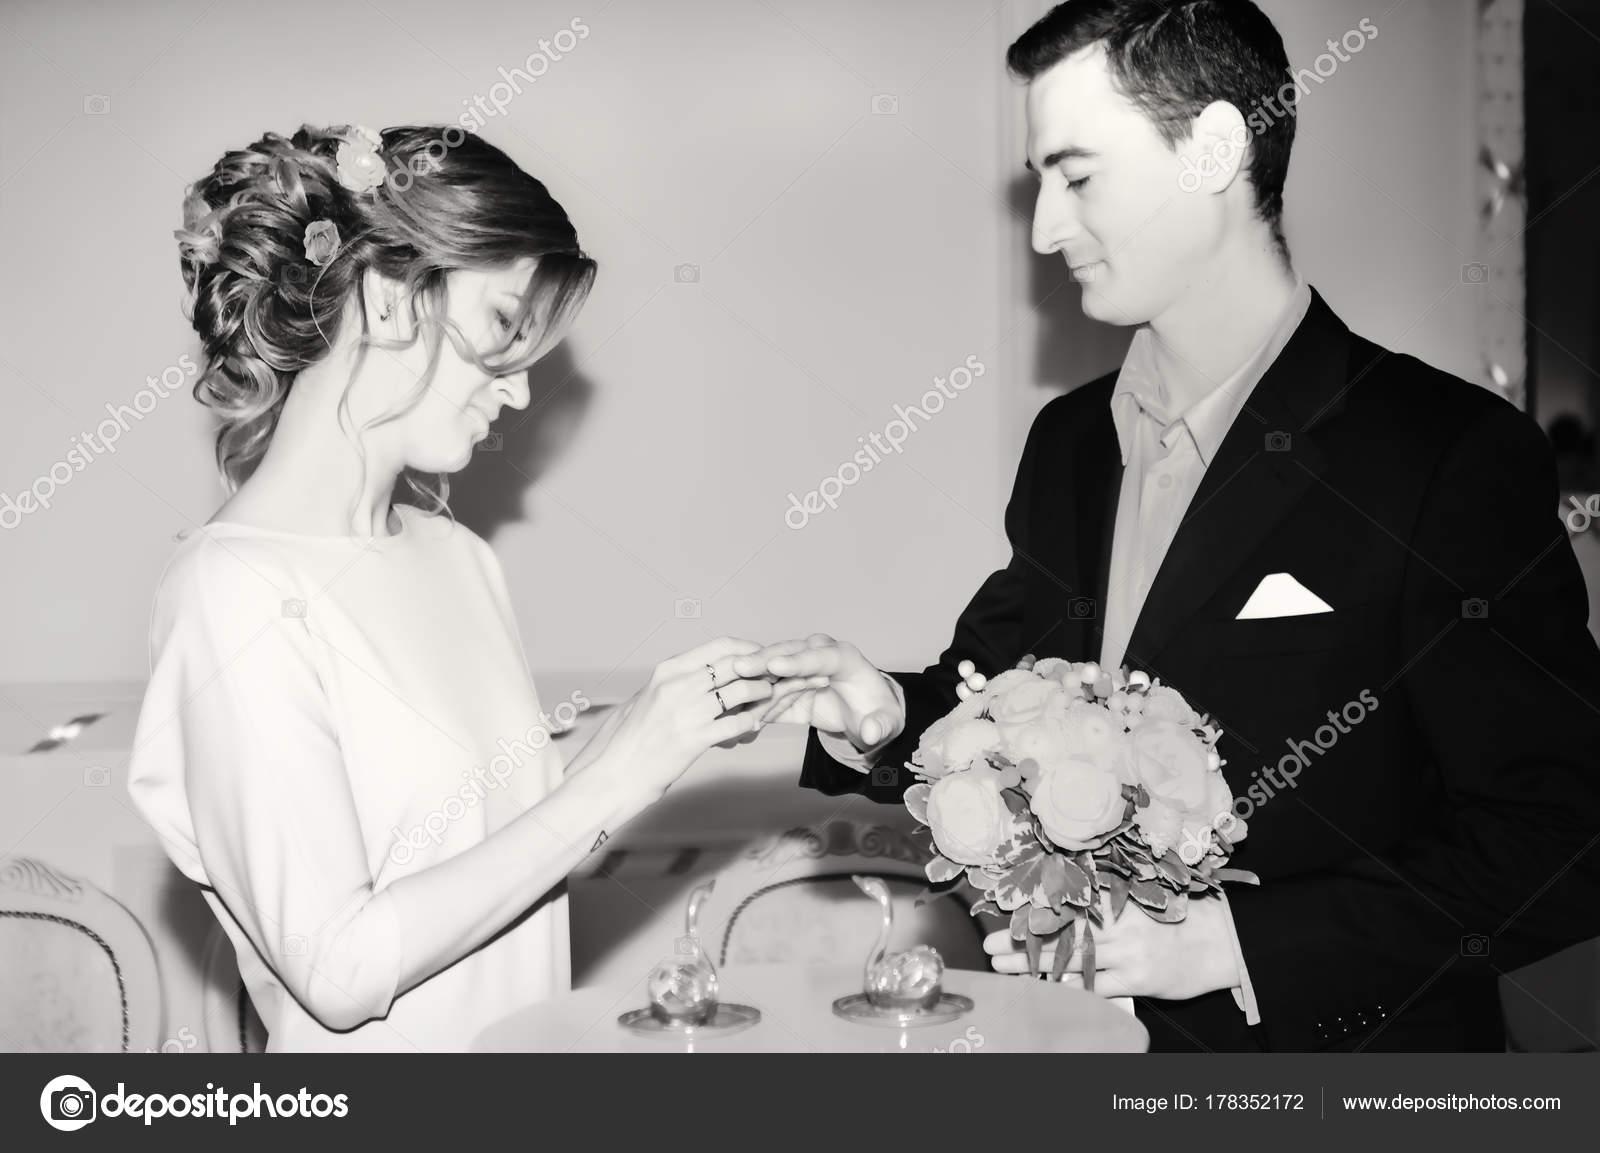 Matrimonio In Bianco E Nero : Registrazione del matrimonio in bianco e nero u foto stock